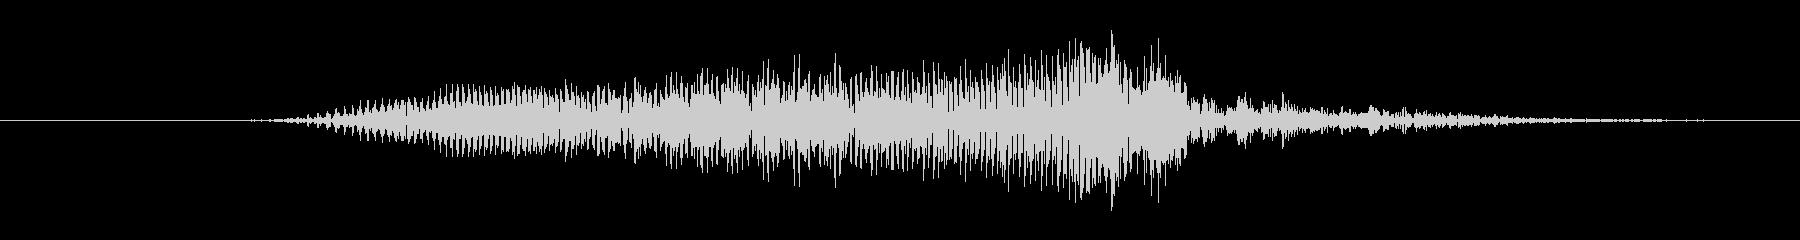 鳴き声 男性のうめき株02の未再生の波形